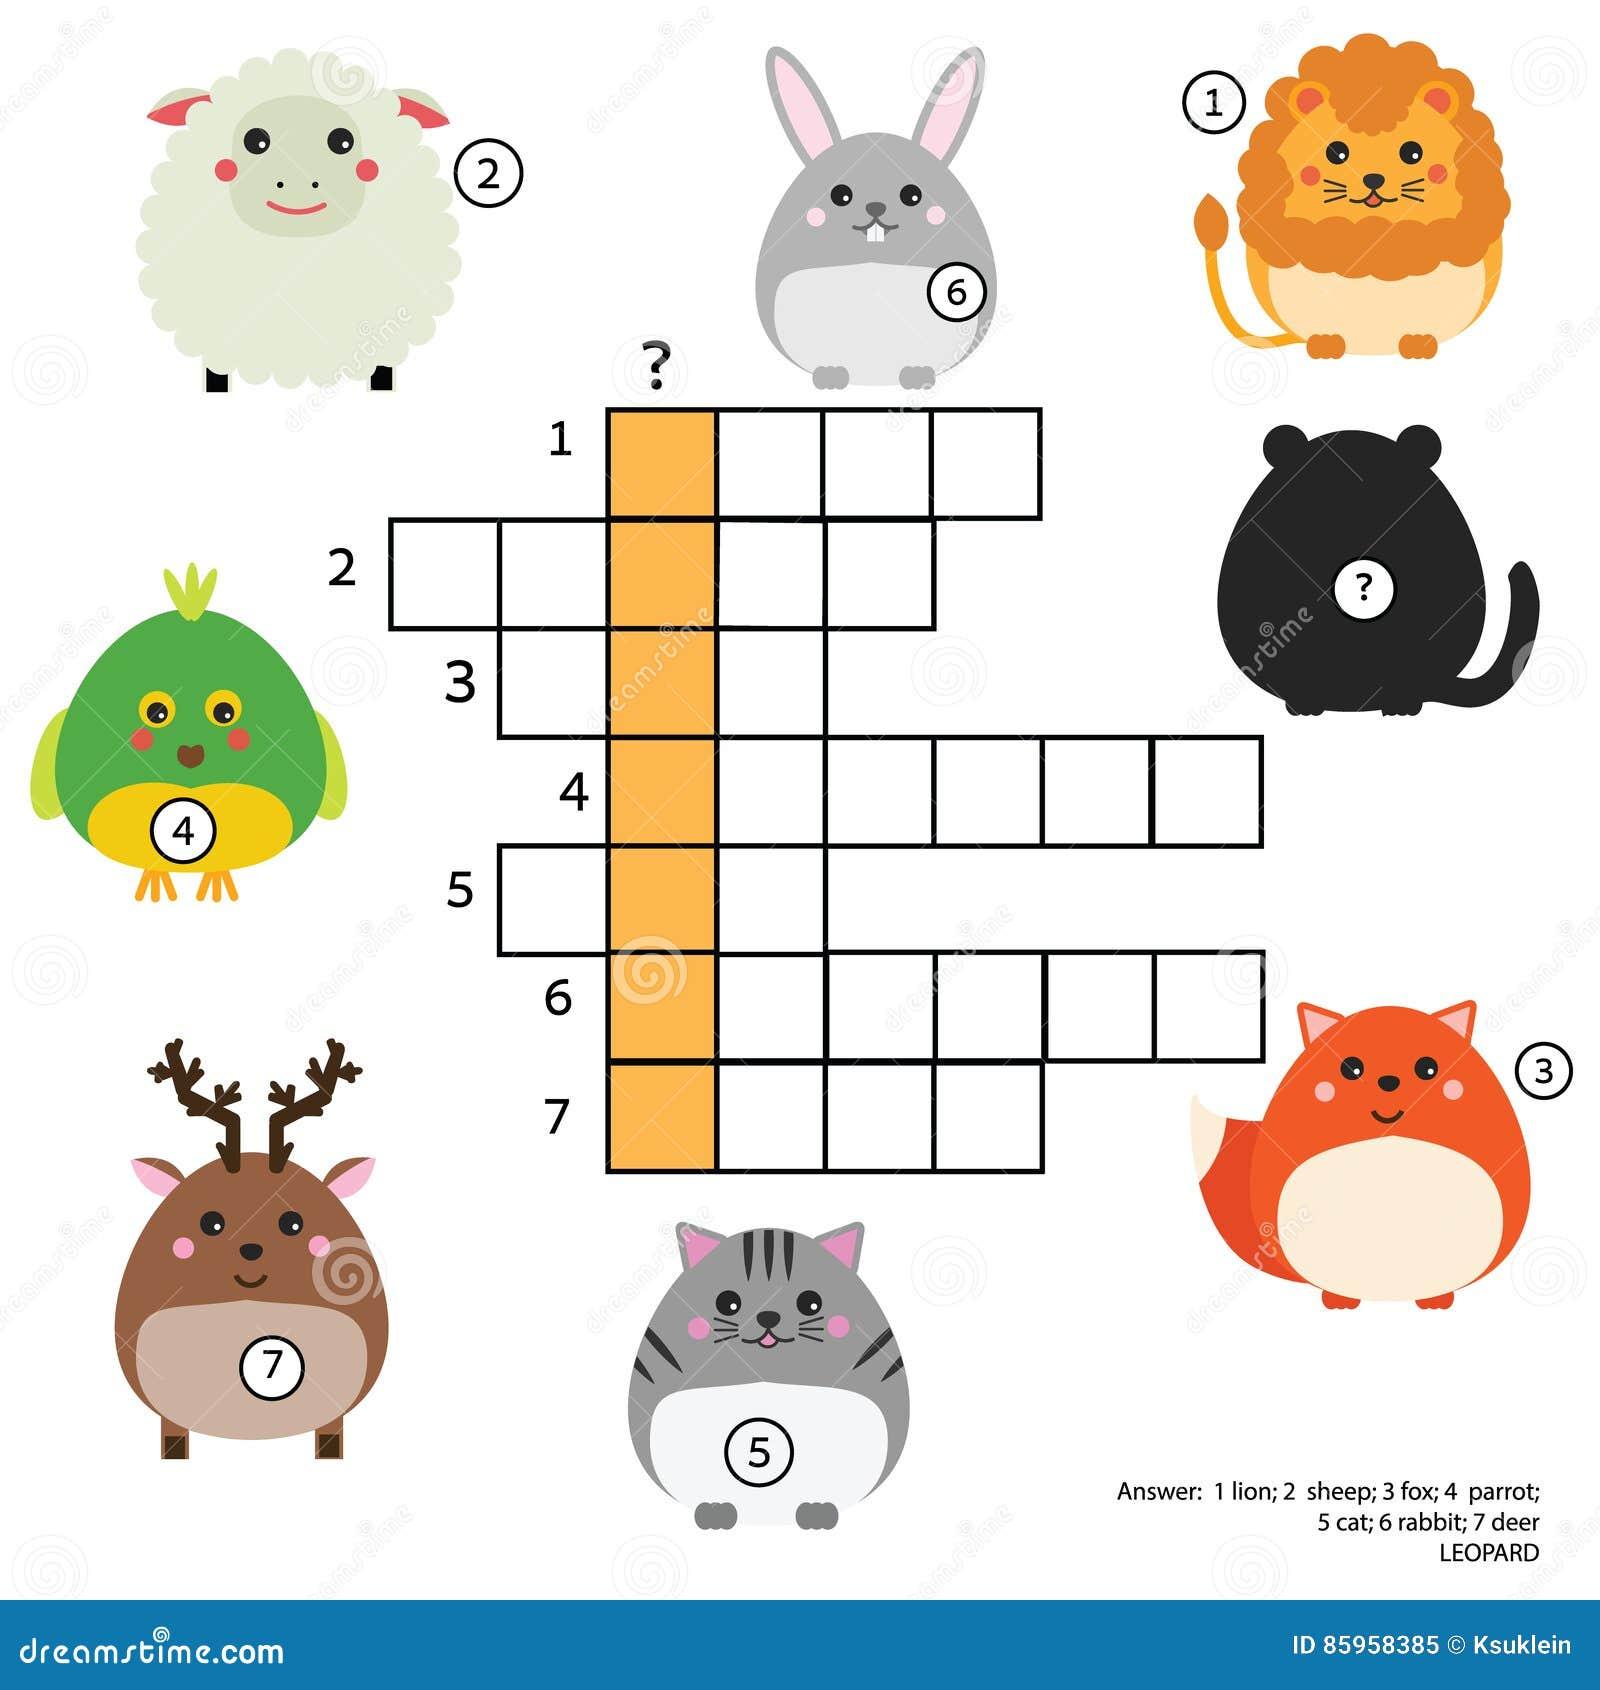 Jogo Educacional Das Crianças Das Palavras Cruzadas Com Resposta Tema Dos Animais Aprendendo O Vocabulário Ilustração do Vetor